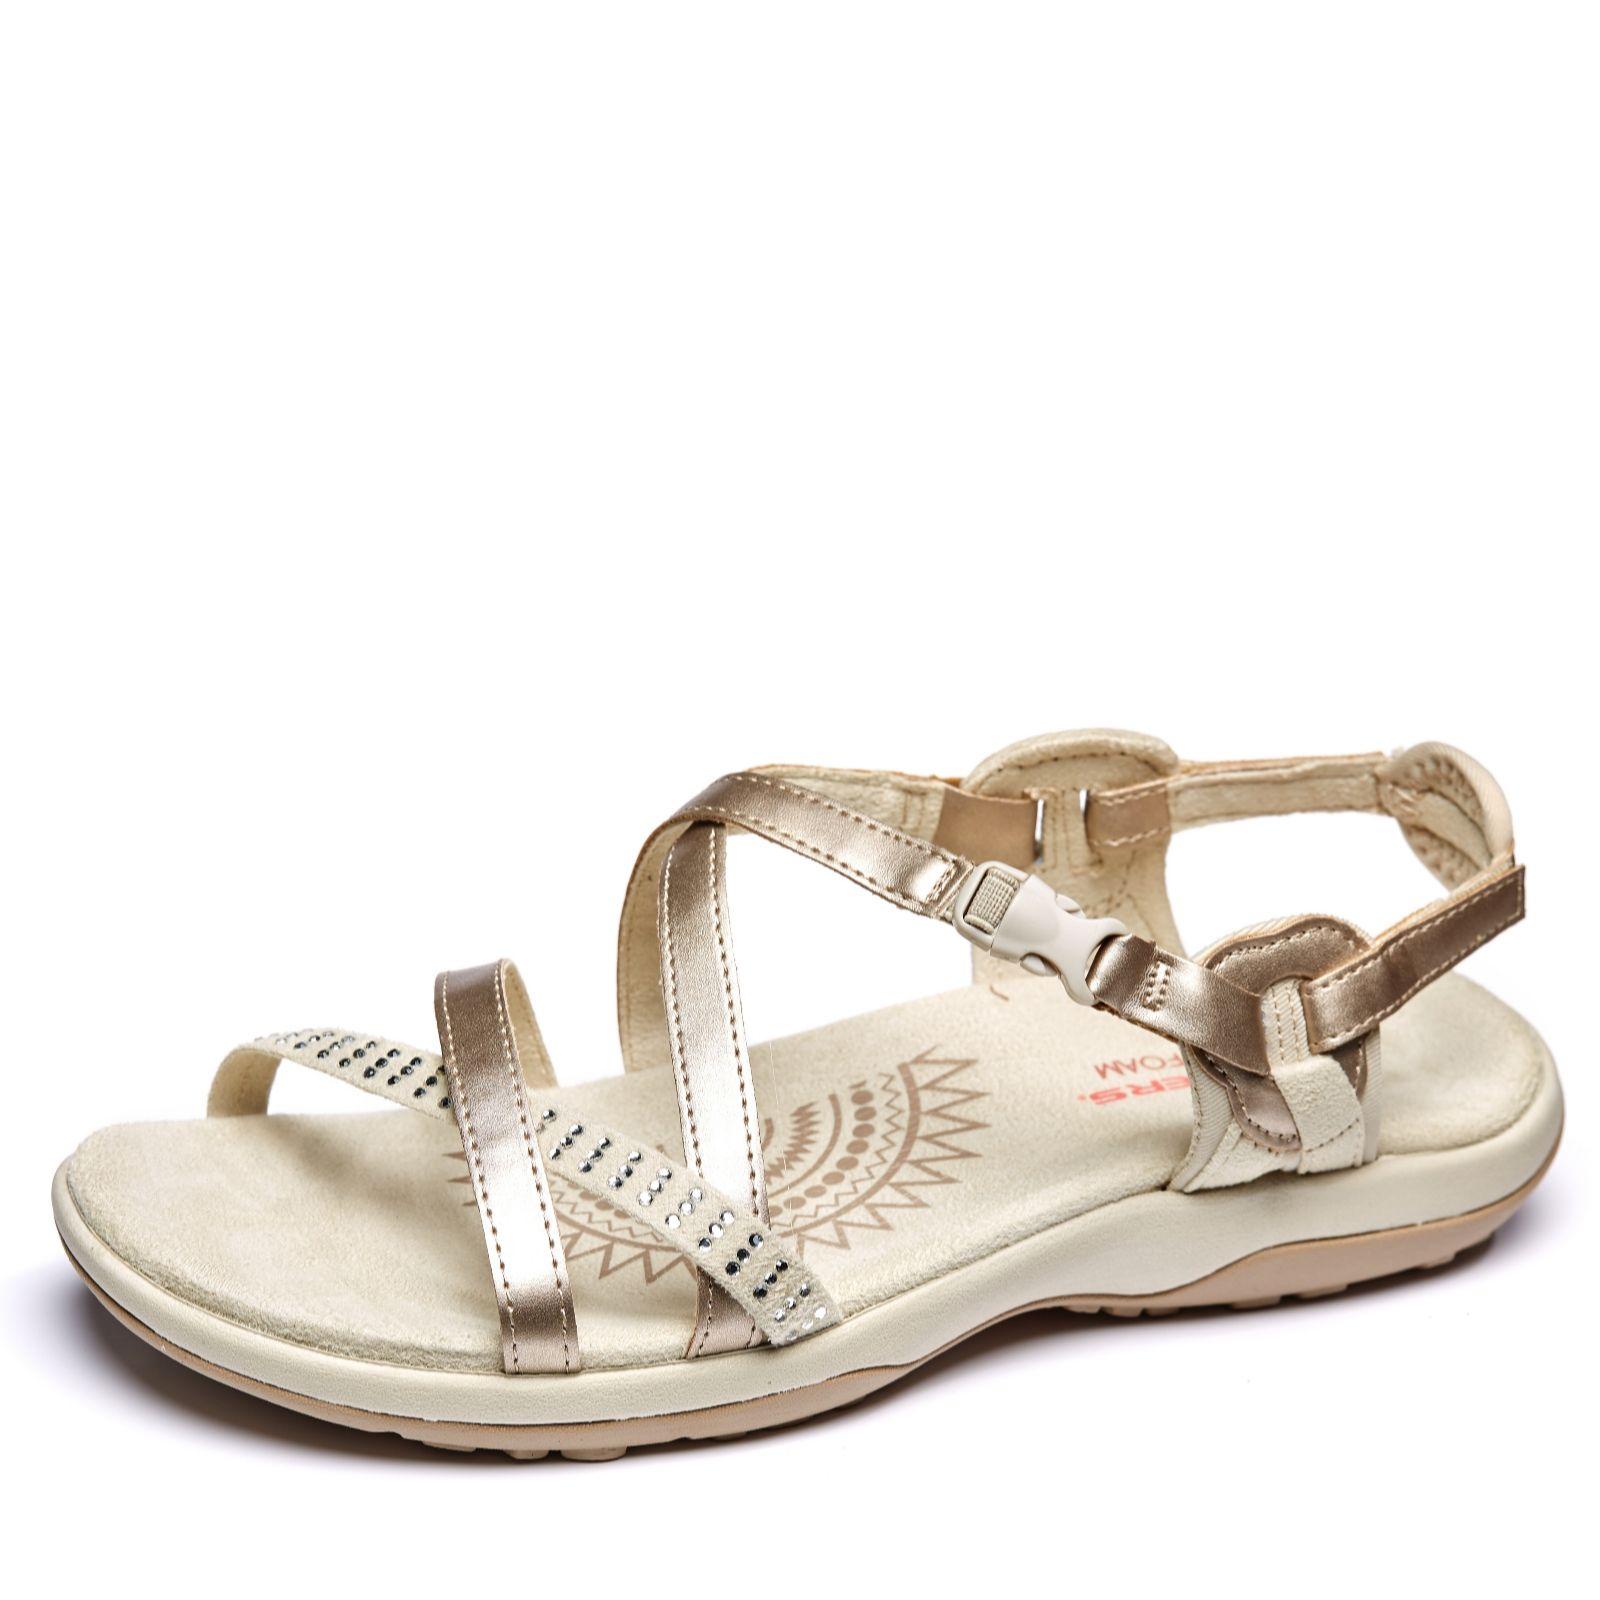 skechers reggae sandals uk